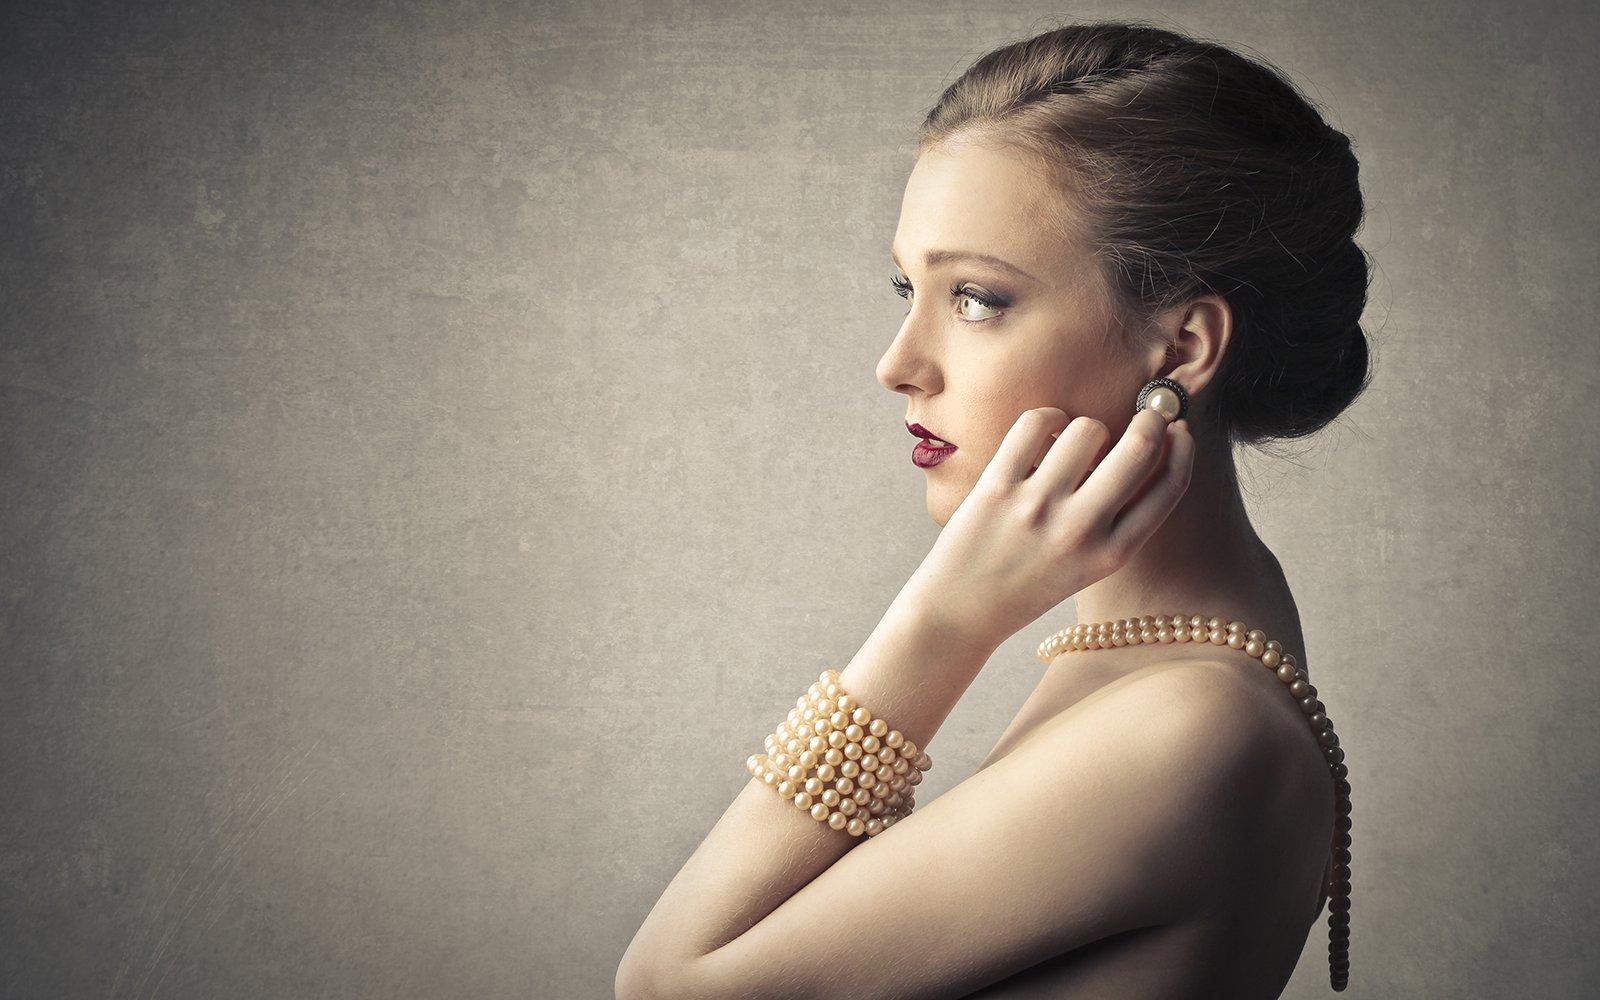 una donna con un bracciale e una collana di perle